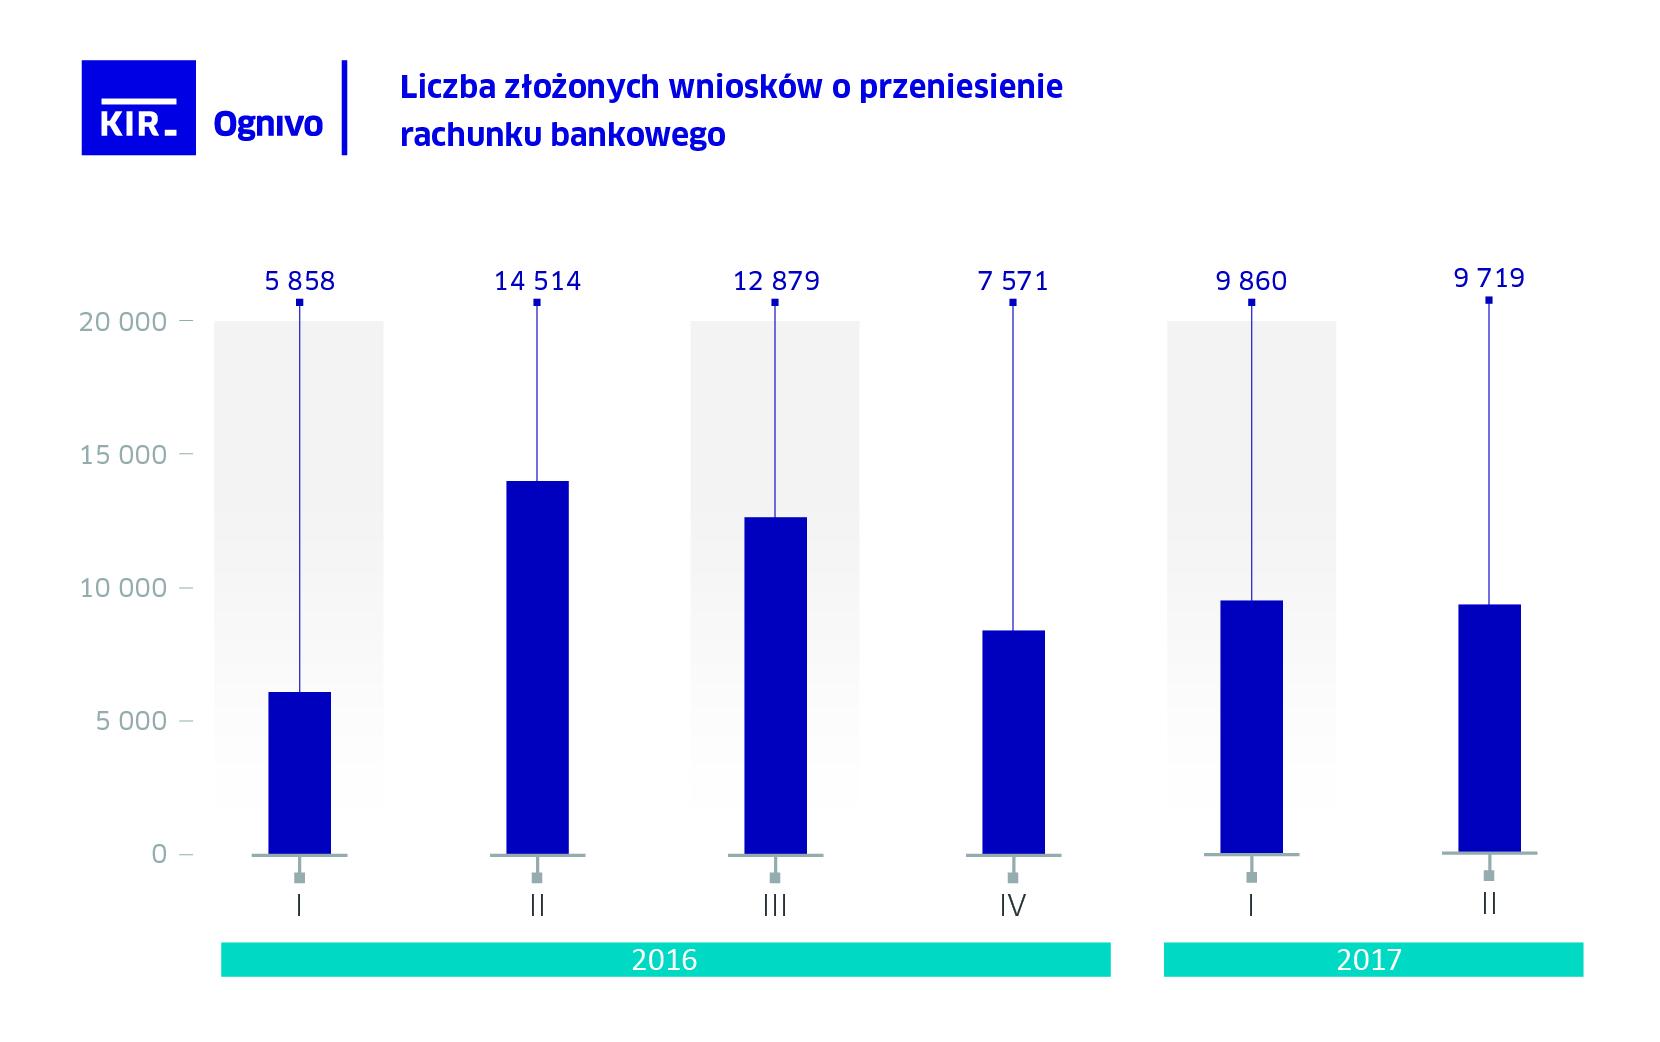 Ognivo najnowsze statystyki KIR.